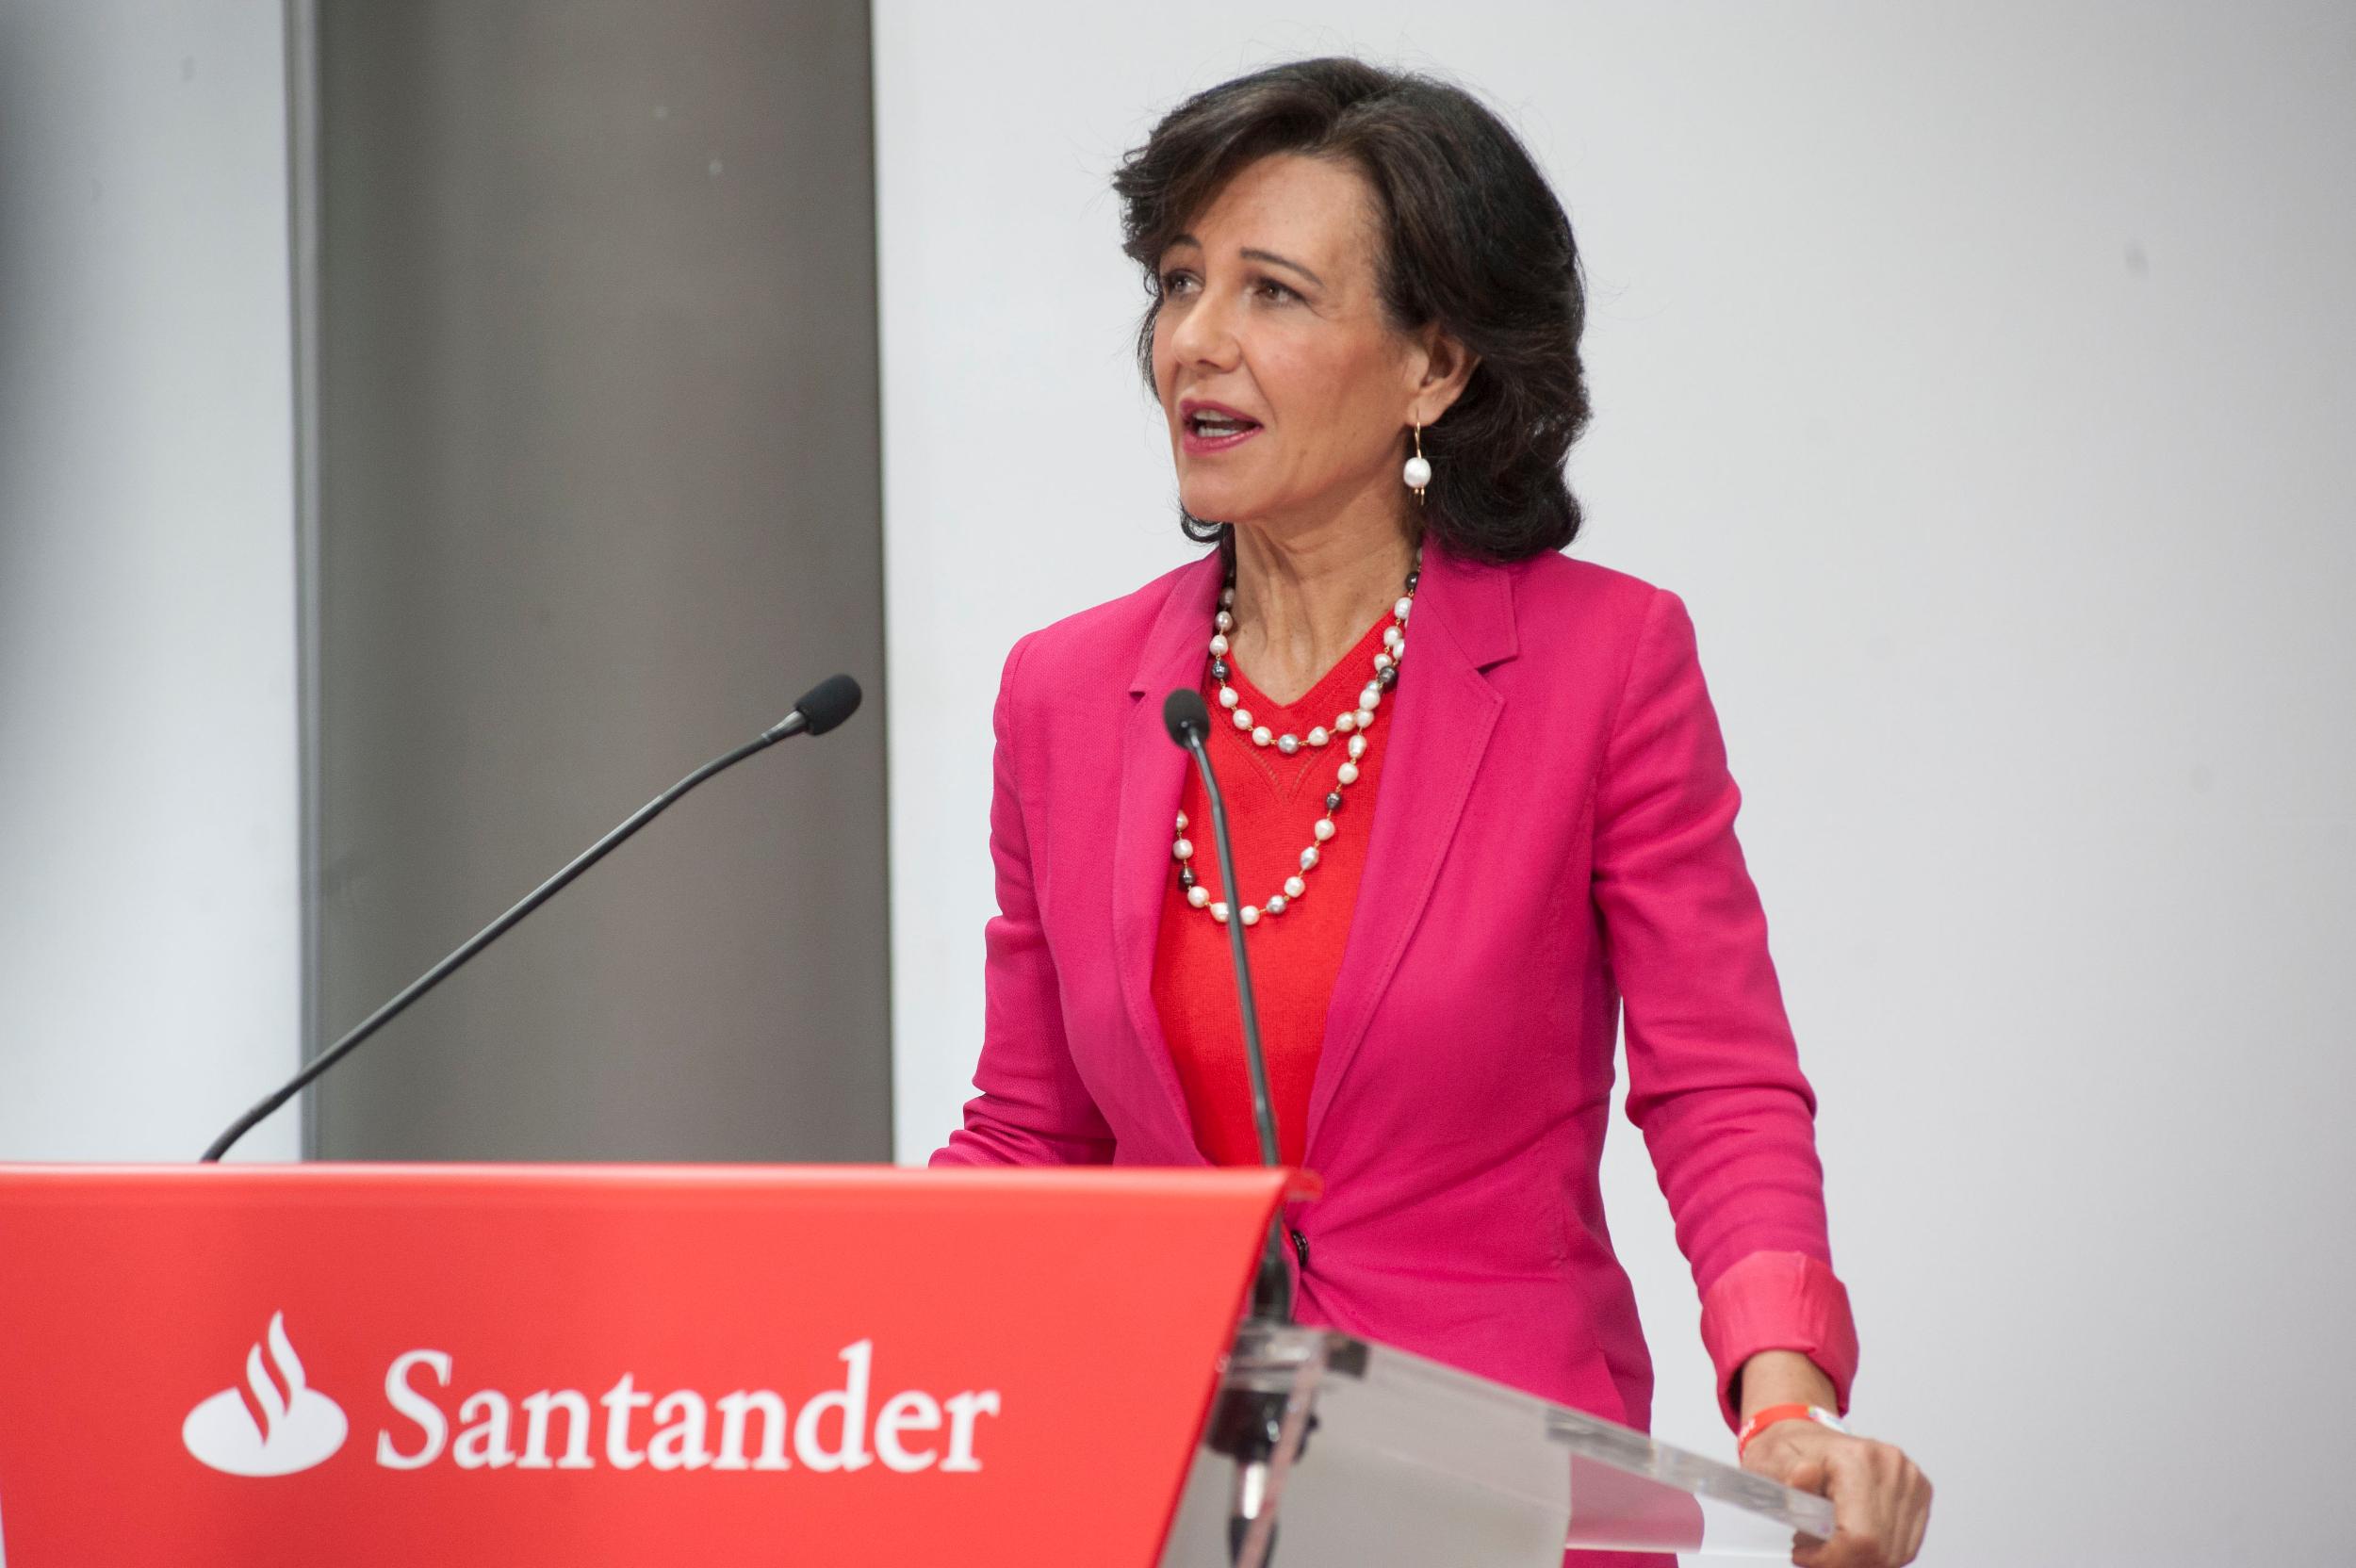 Ana Patricia Botín | Banc Santander